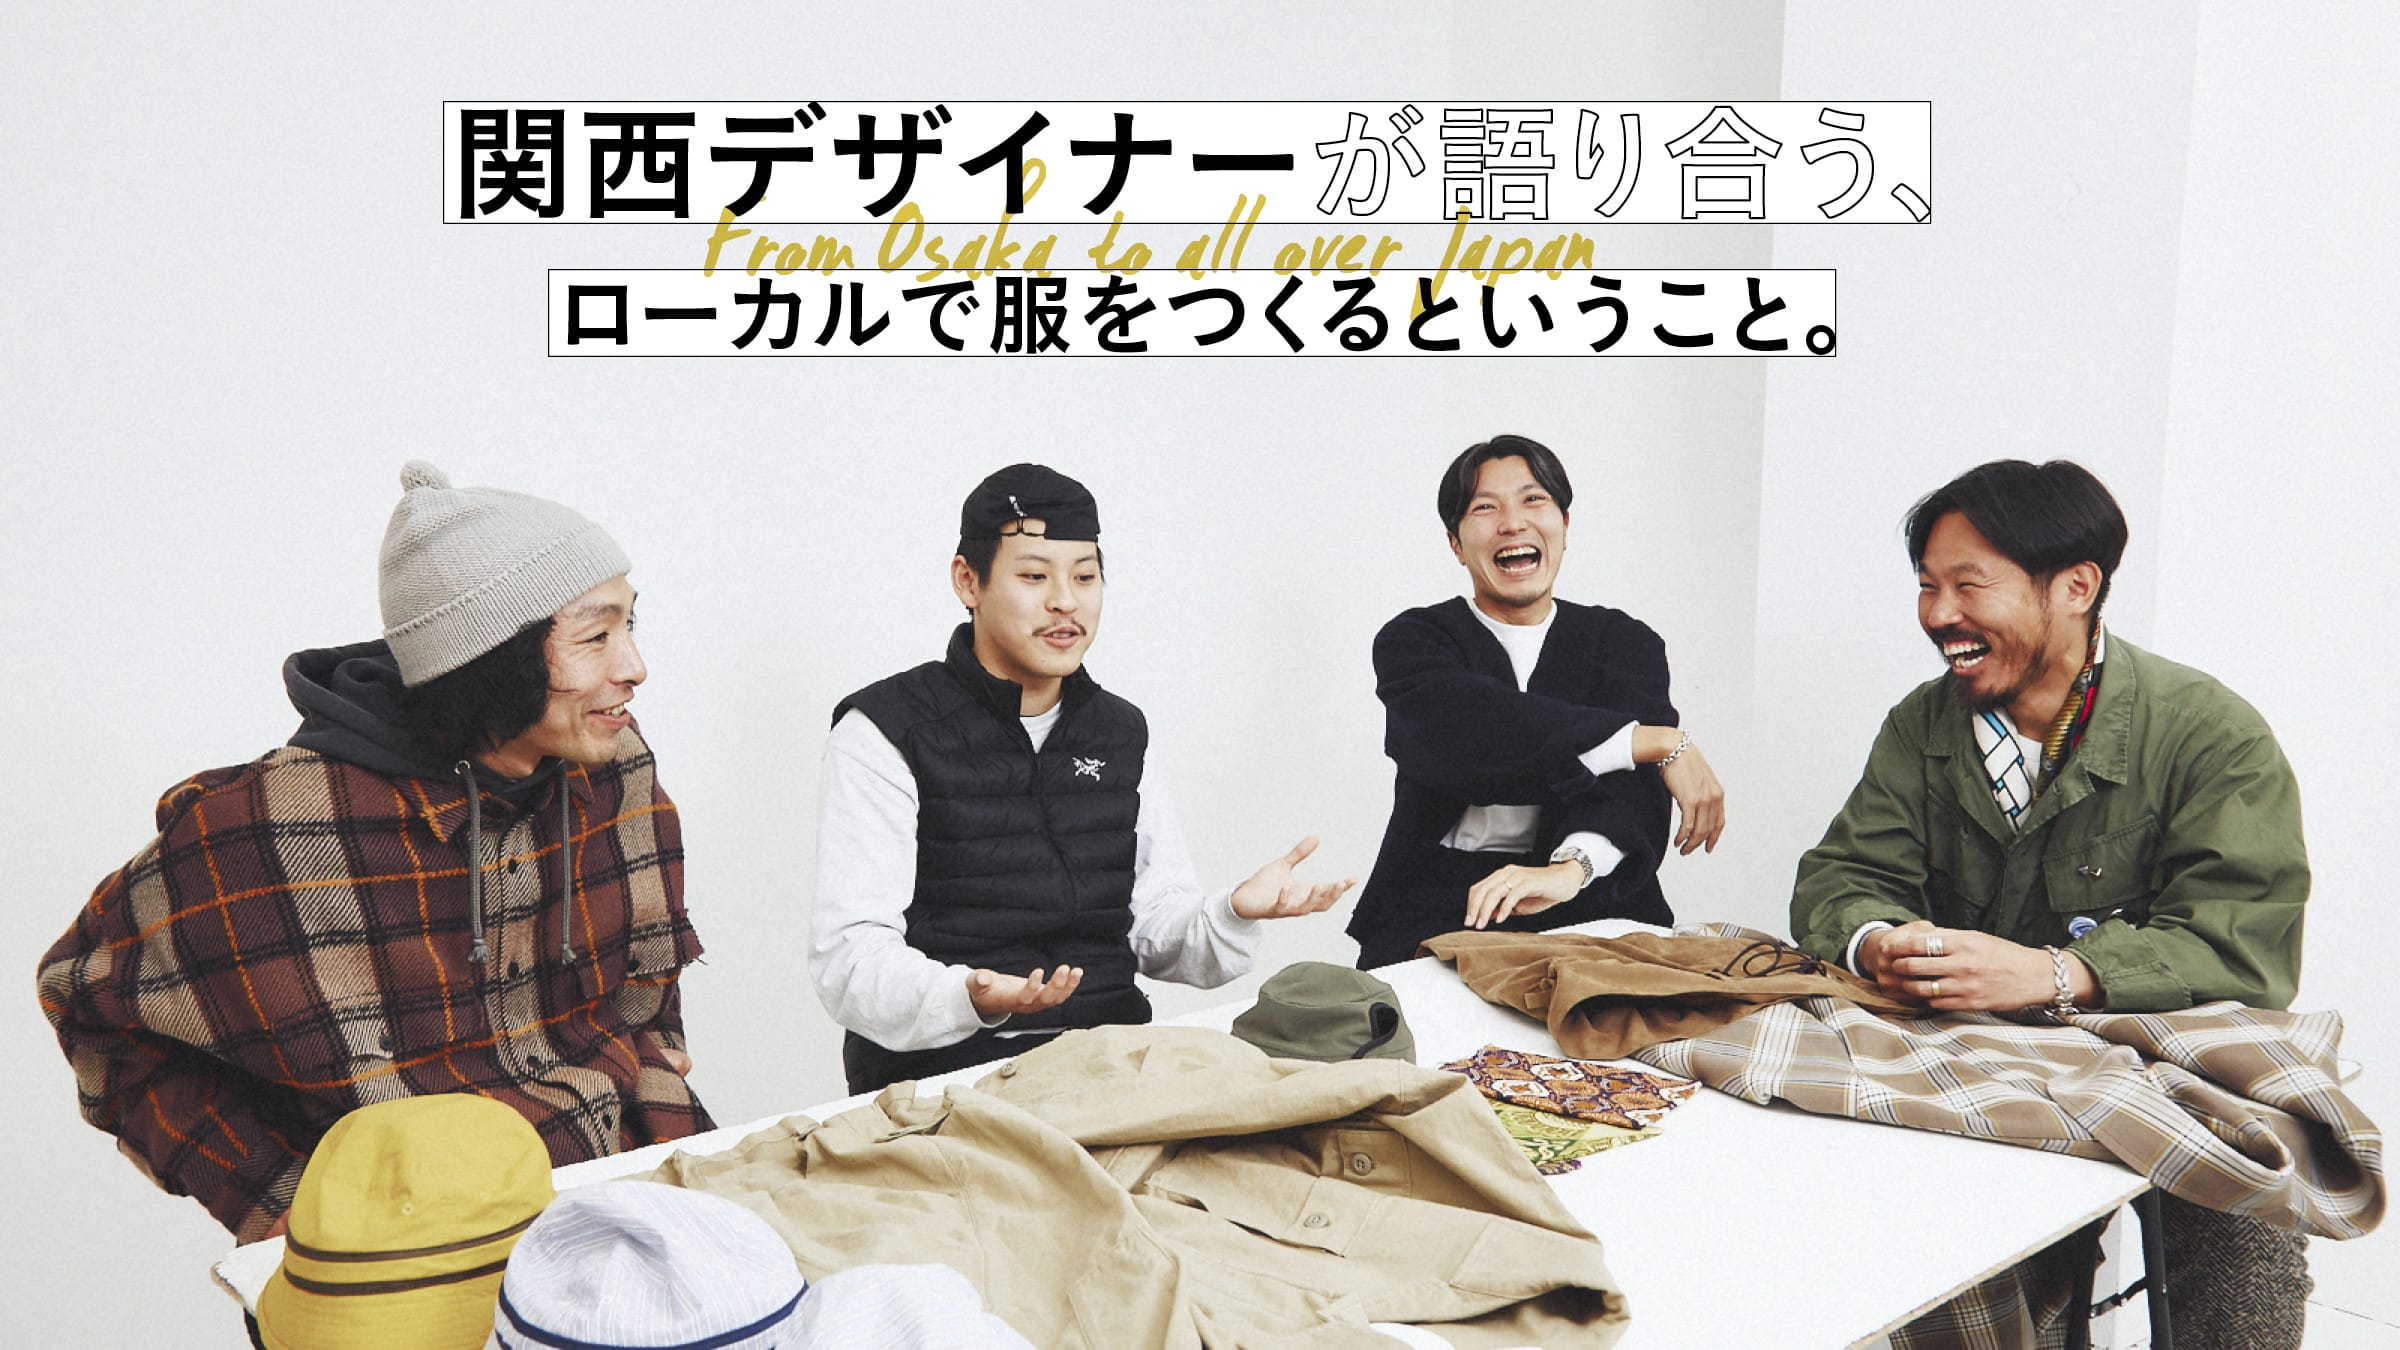 関西デザイナーが語り合う、ローカルで服をつくるということ。